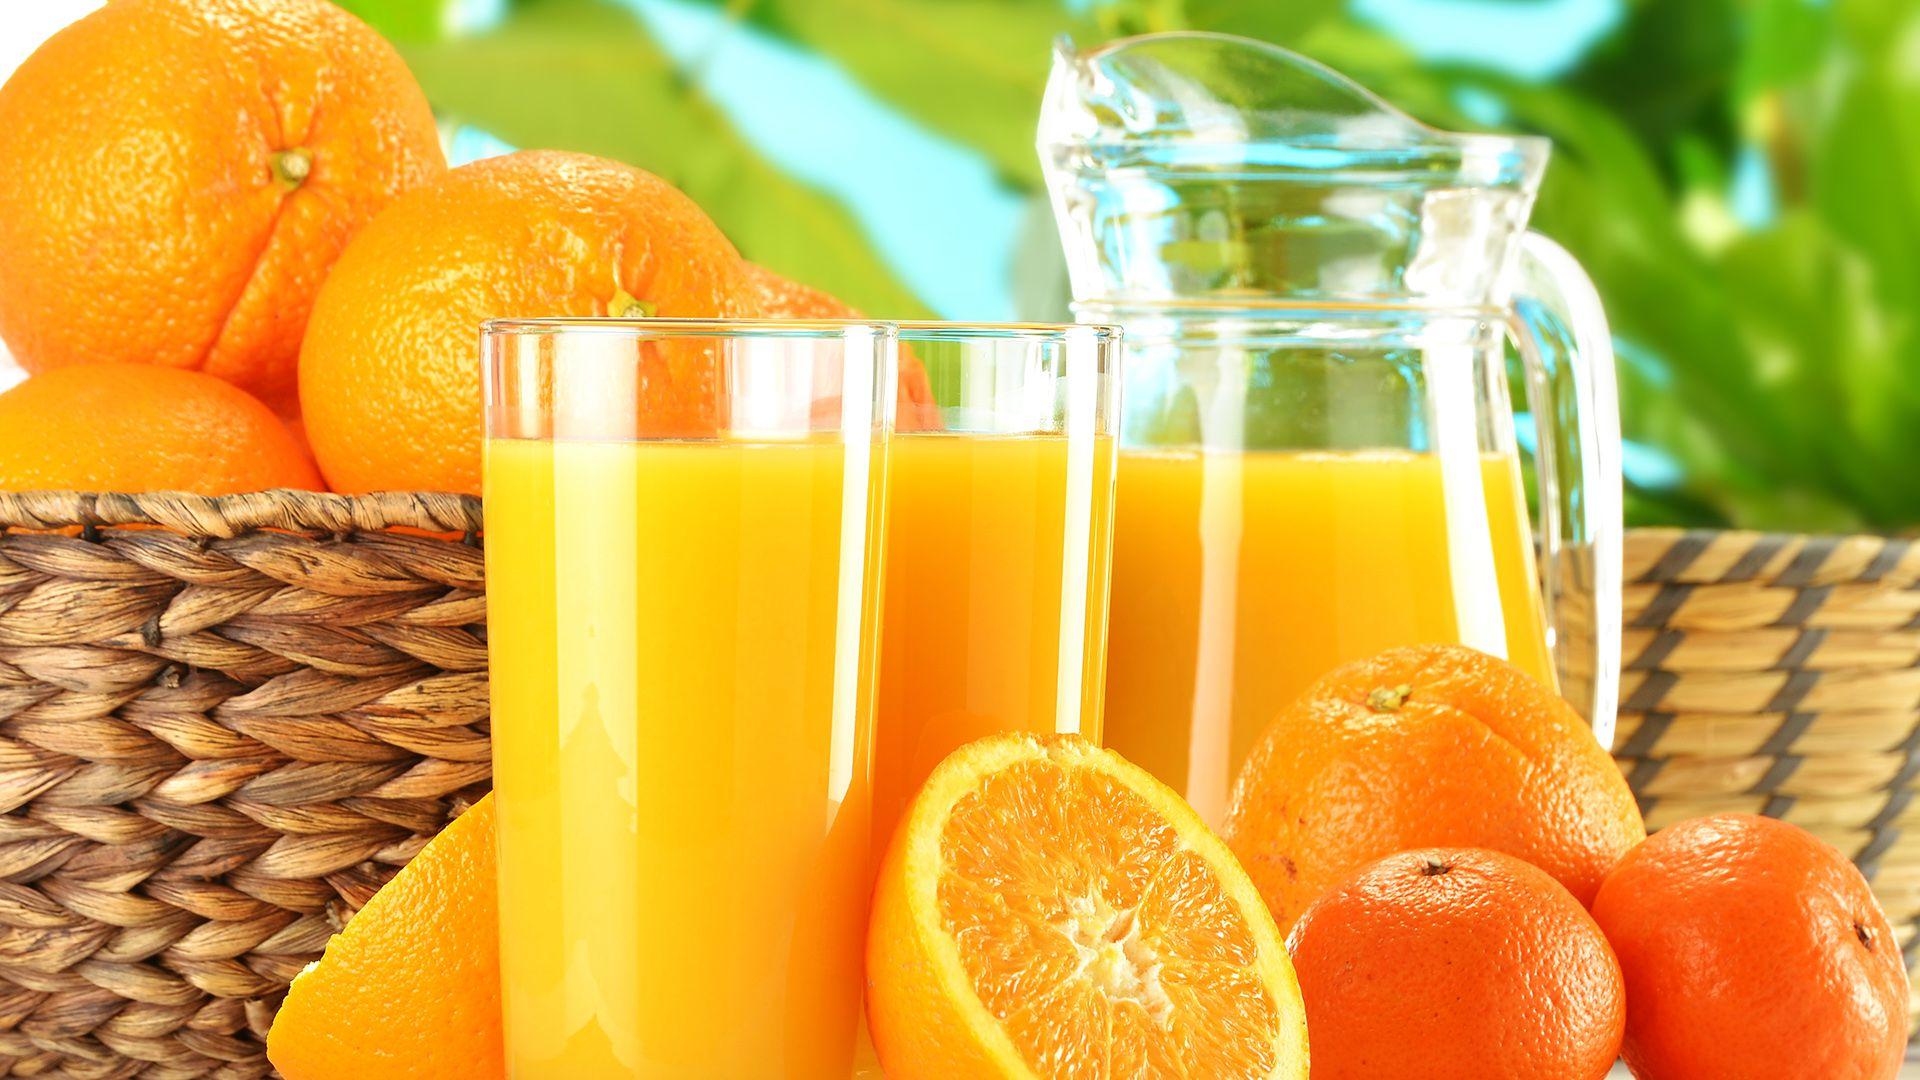 Las recomendaciones apuntan a limitar el consumo de bebidas azucaradas, incluido el jugo de frutas 100% (Shutterstock)